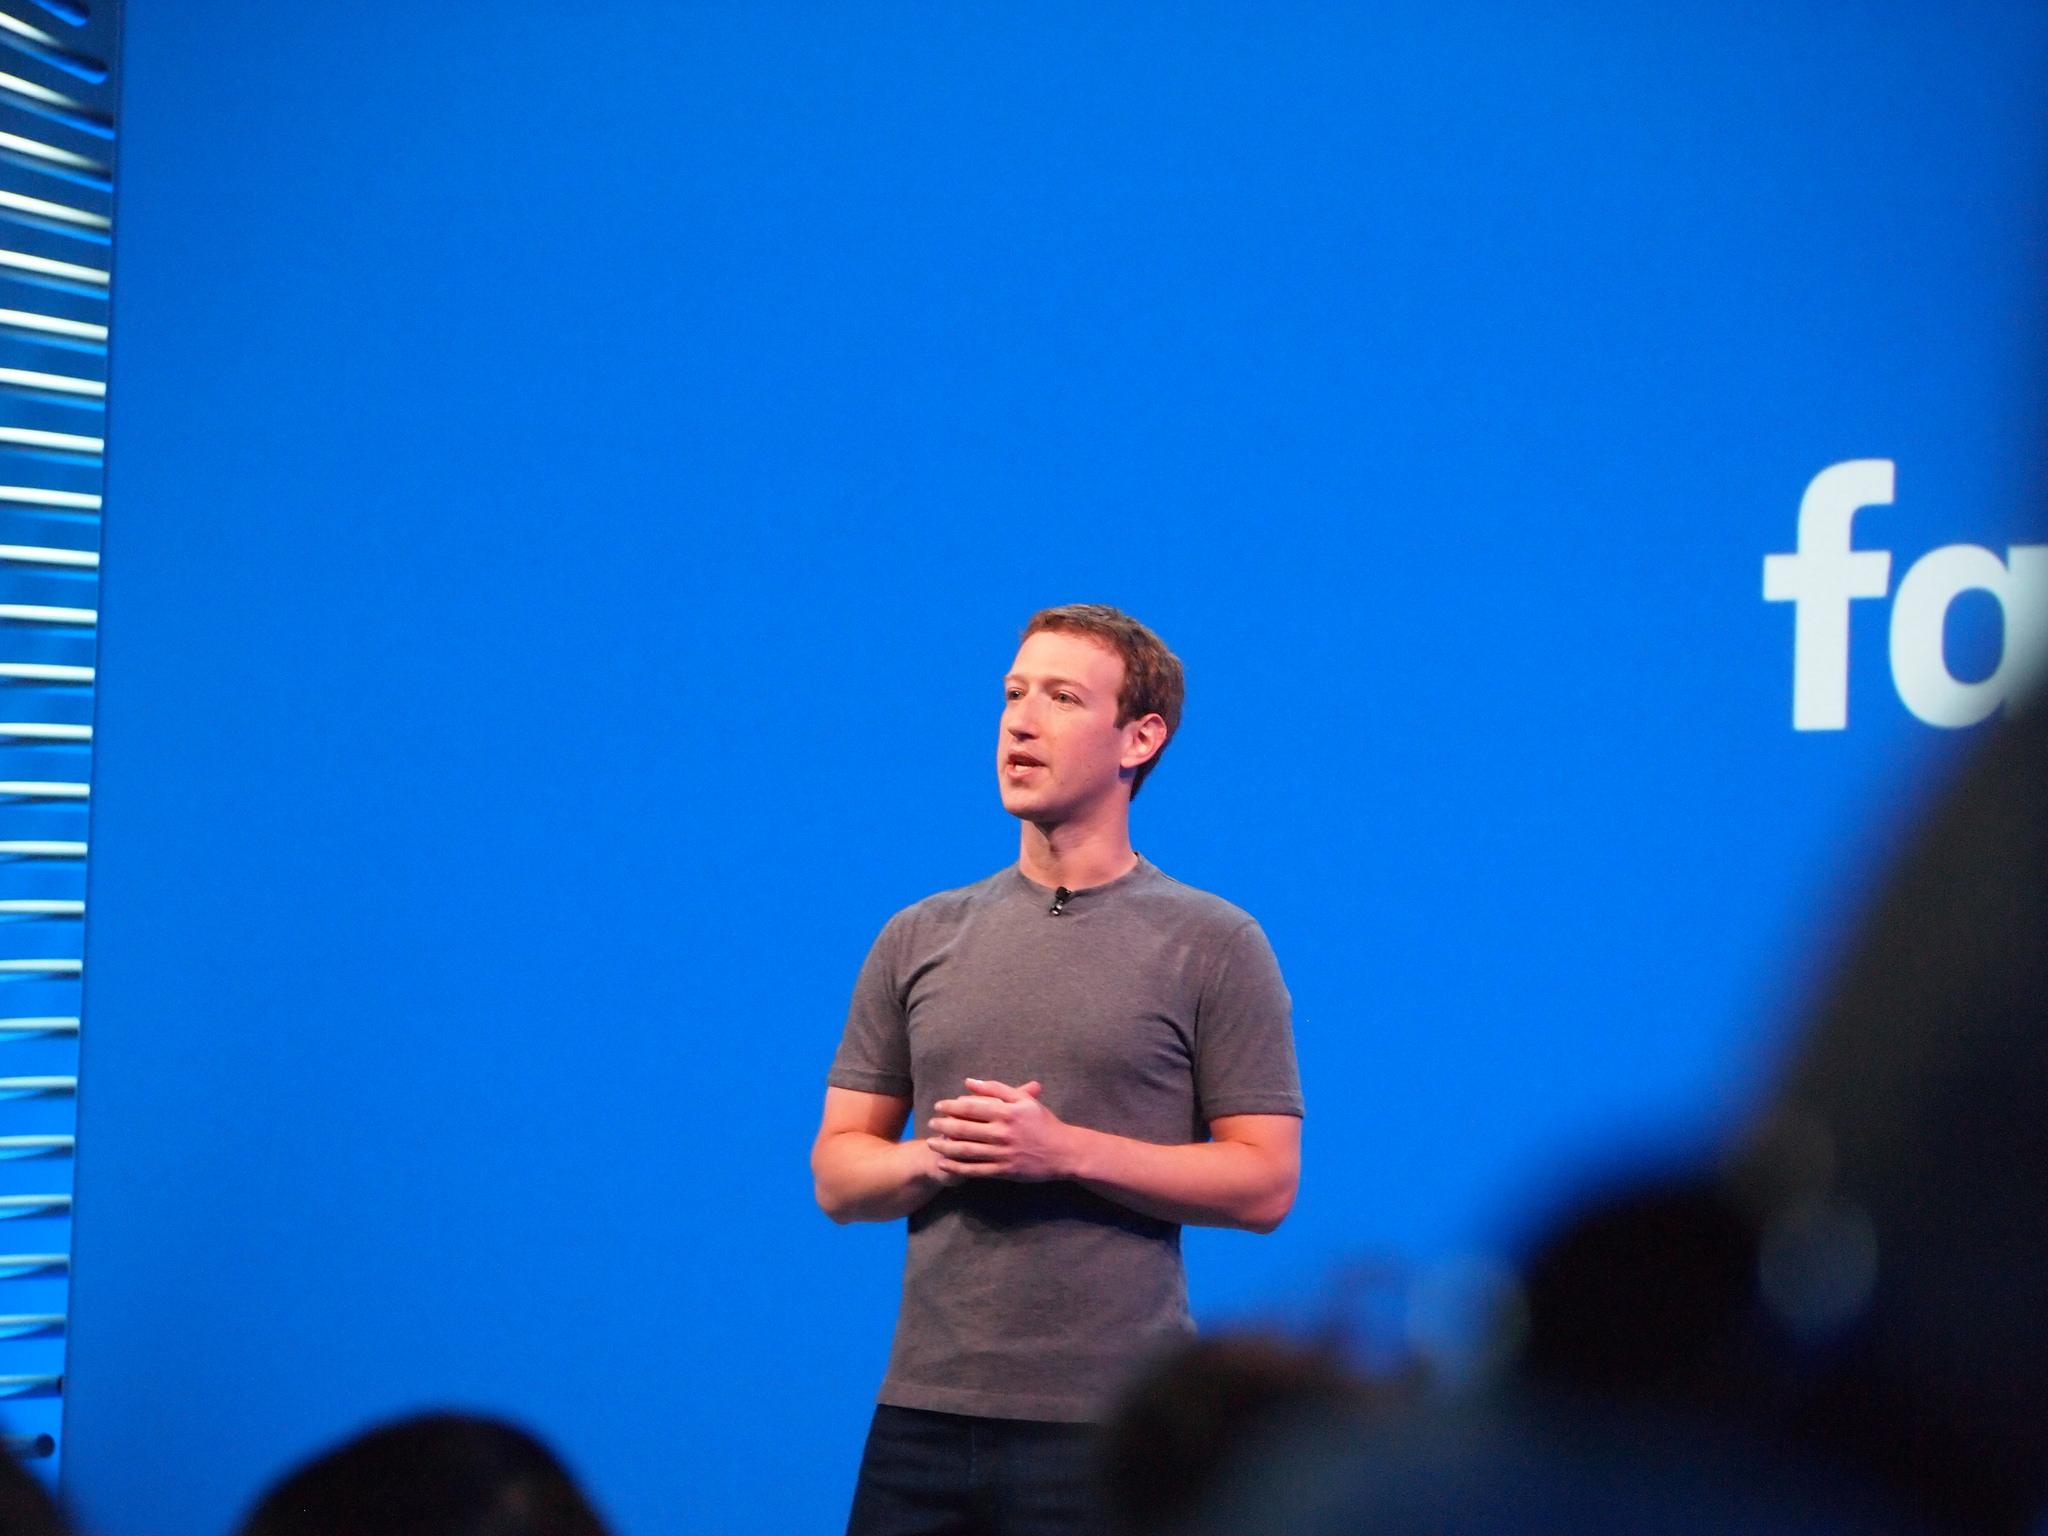 De ce dispare lumea de pe Facebook